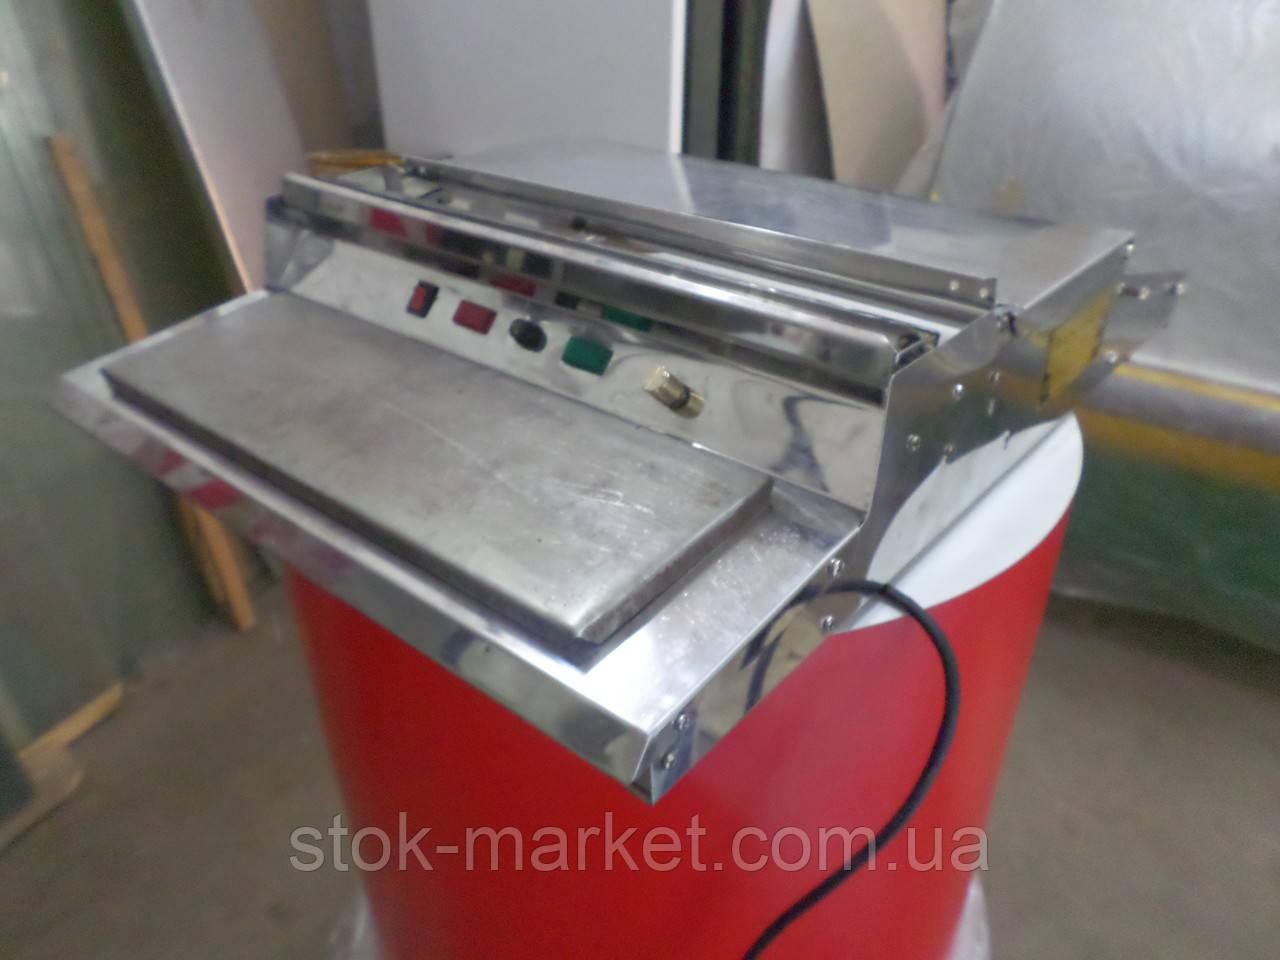 Горячий стол для упаковки в пищевую пленку (Украина)